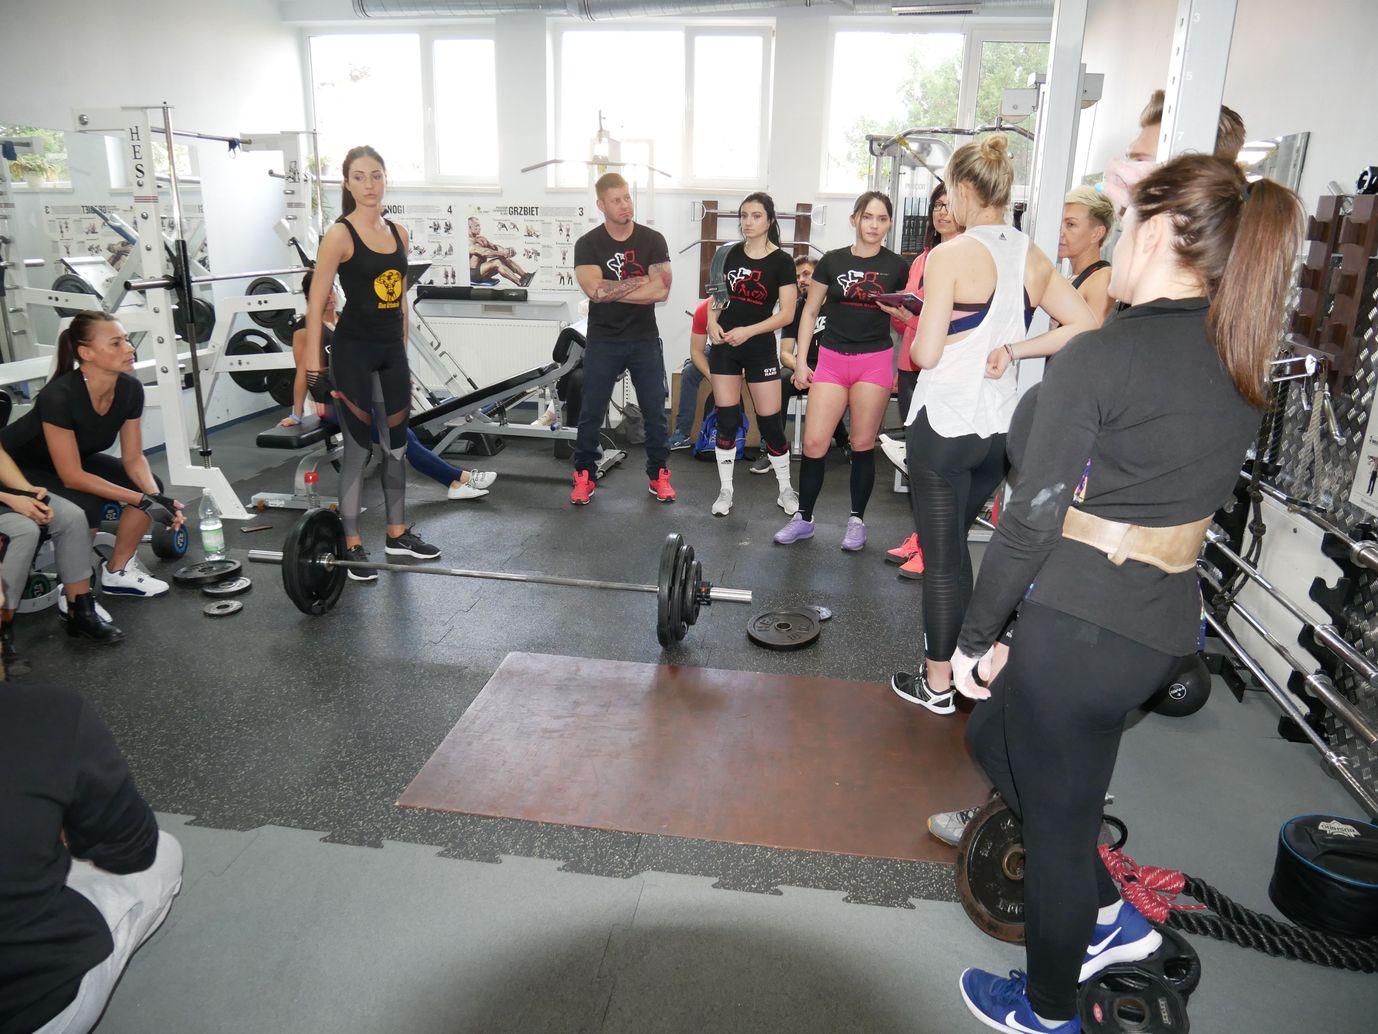 Zawody Martwy Ciąg Pleszew Fitness Klub Active Fit ul. Traugutta 30 siłownia trening personalny 26